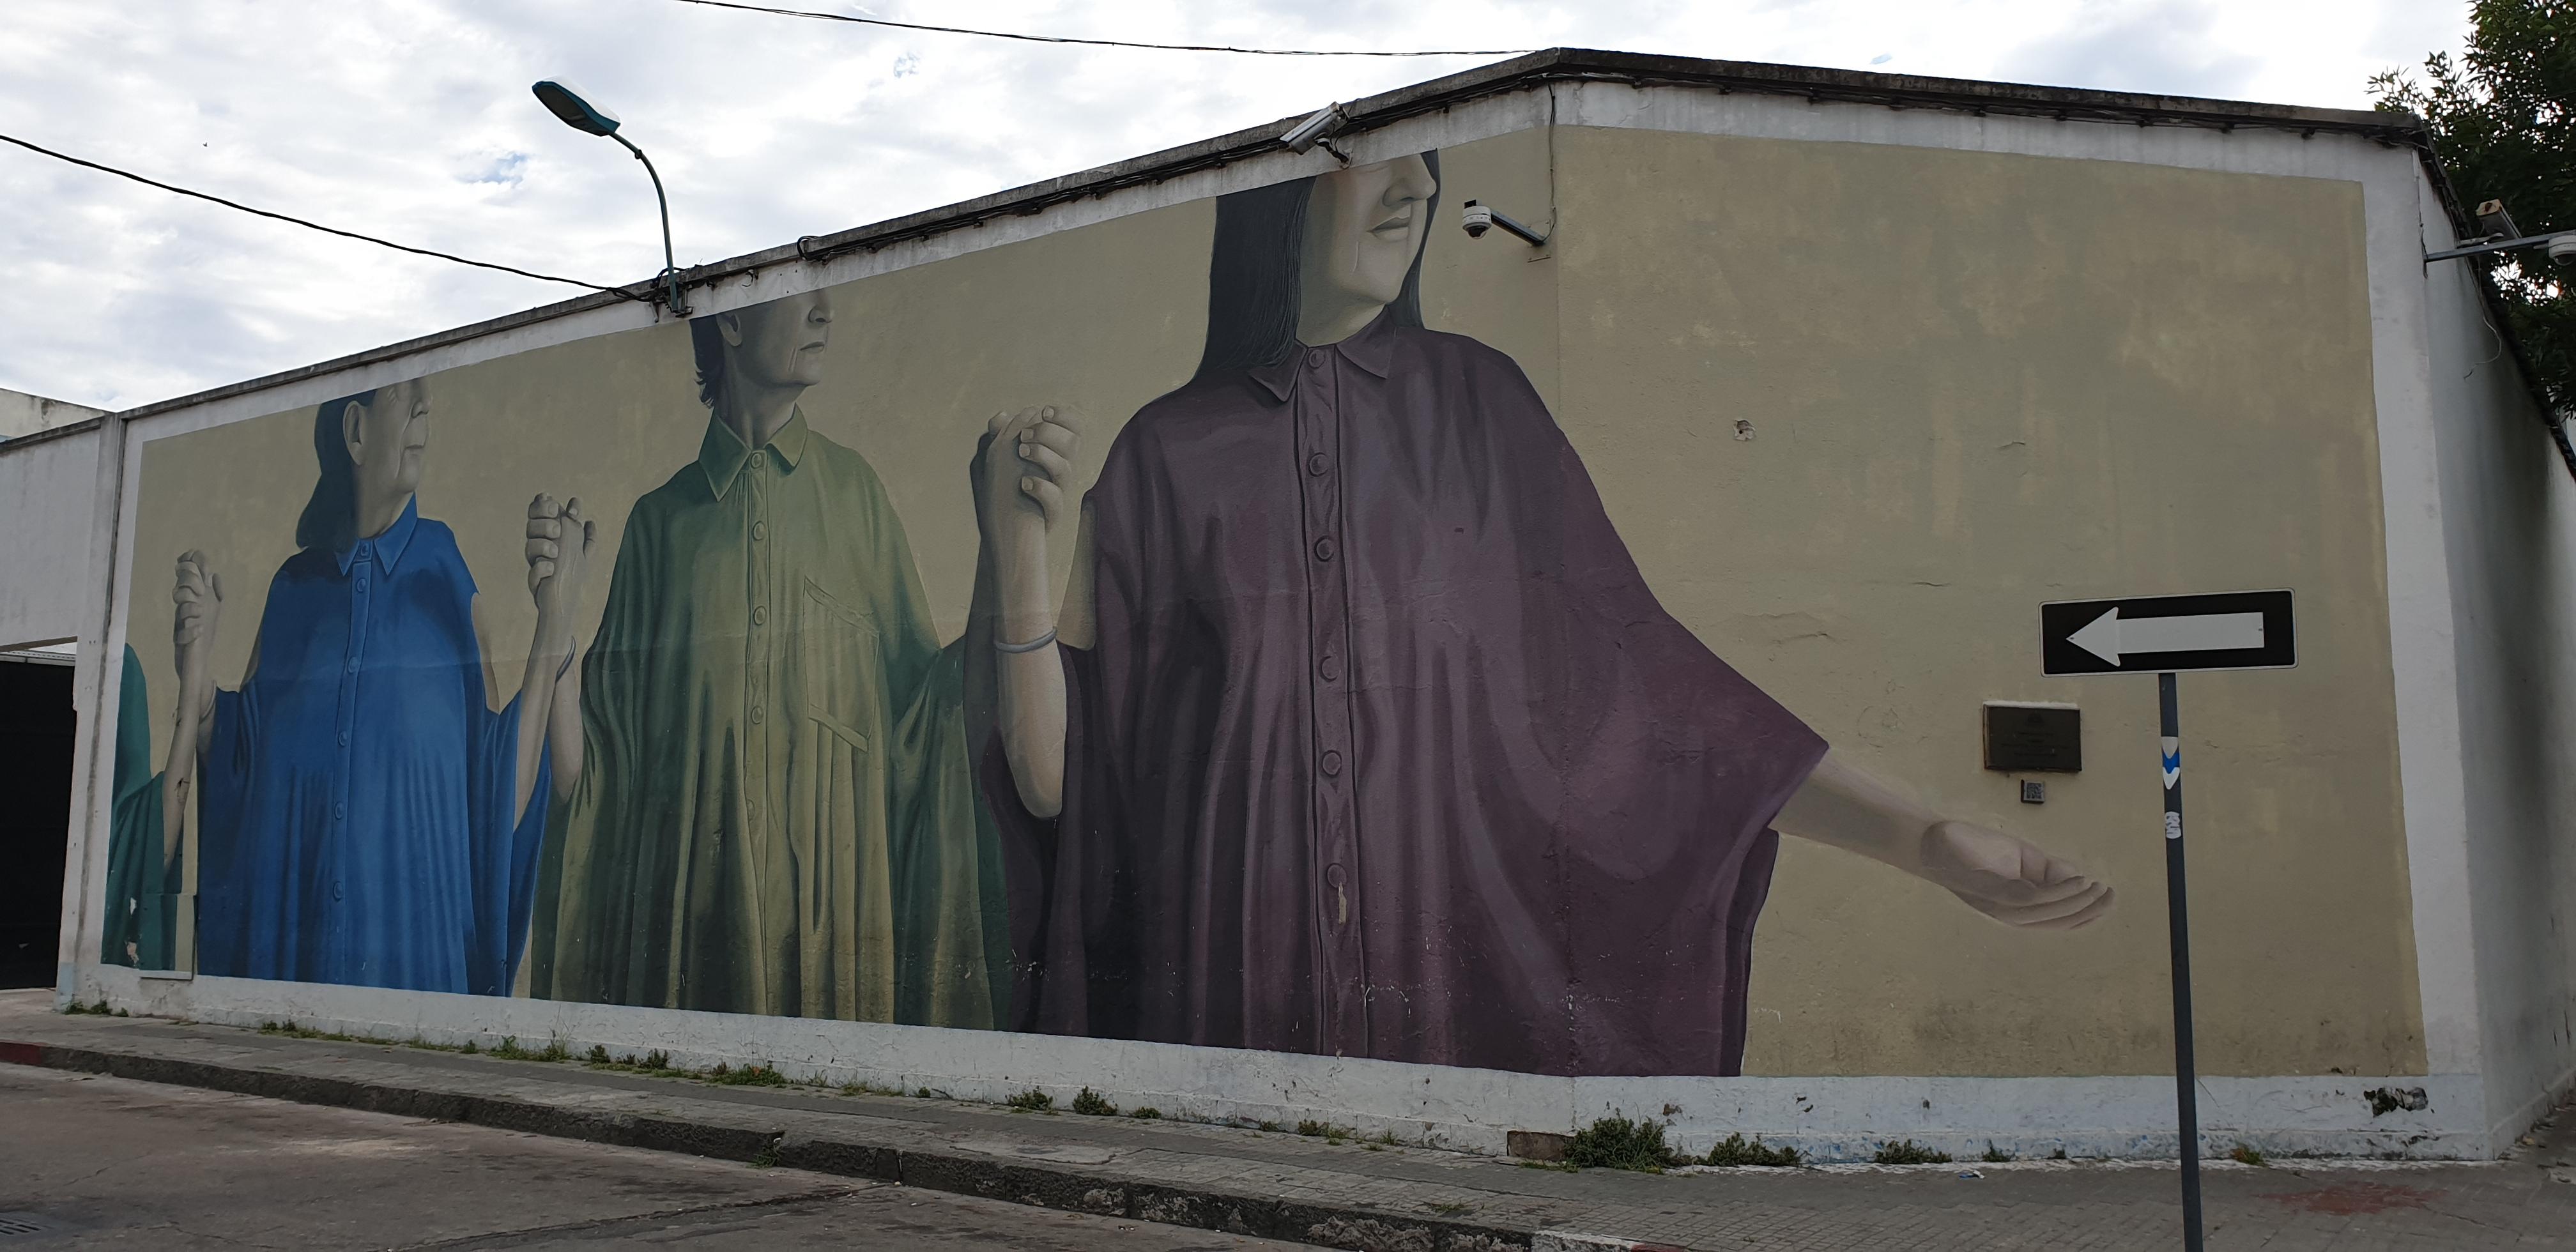 Mur réalisé par Fitz et Theic Licuado - Montevideo- Uruguay 2020 - ©nofakeinmynews.com